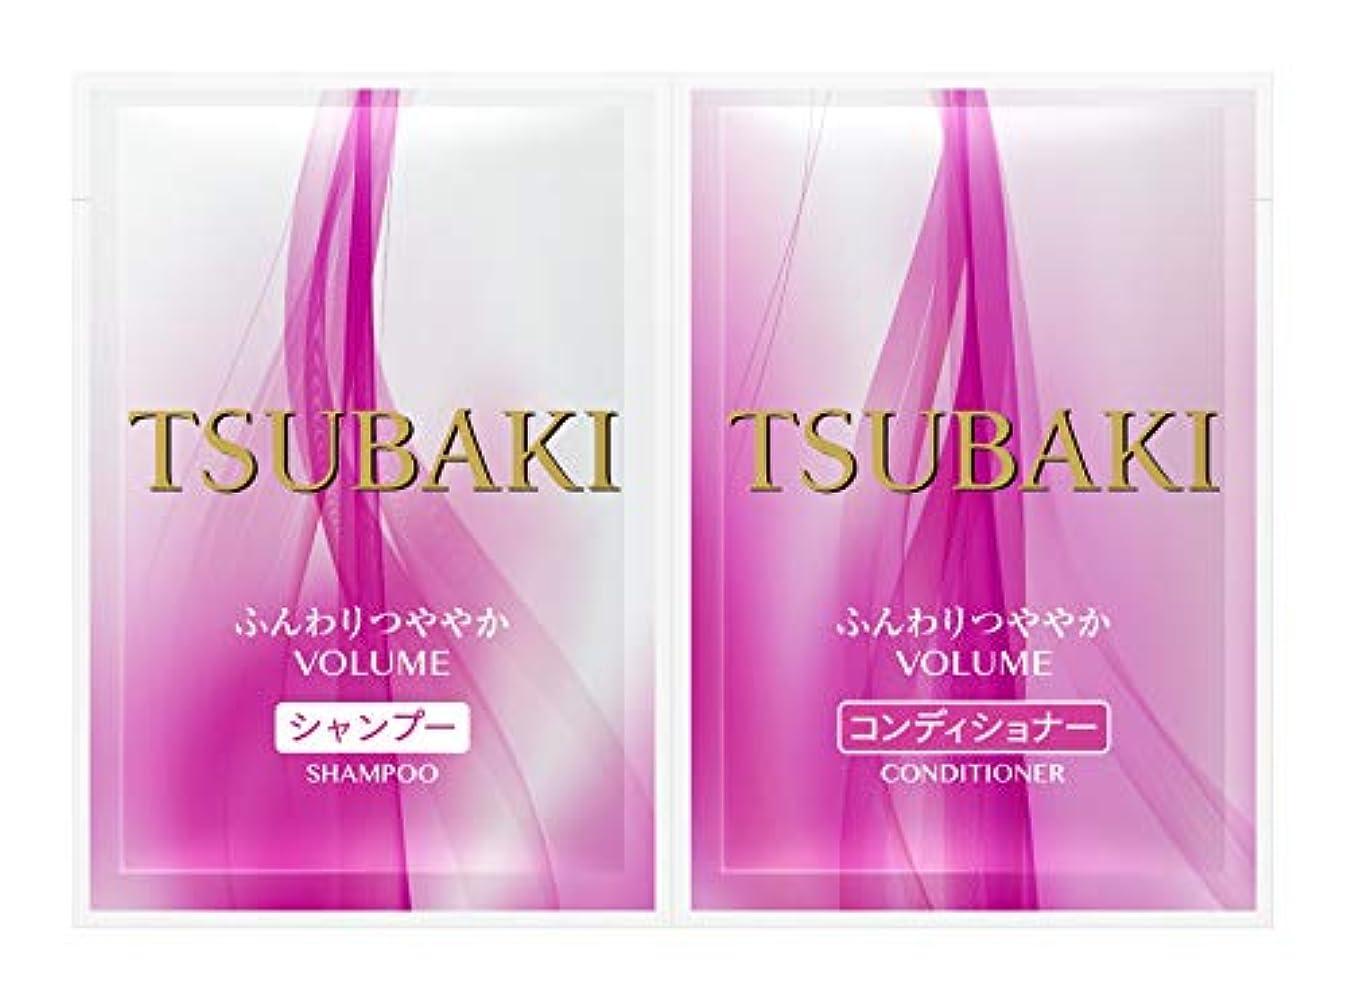 傾く肖像画夜TSUBAKI ふんわりつややかシャンプー&コンディショナーパウチサンプル 12ml×2 【実質無料サンプルストア対象】